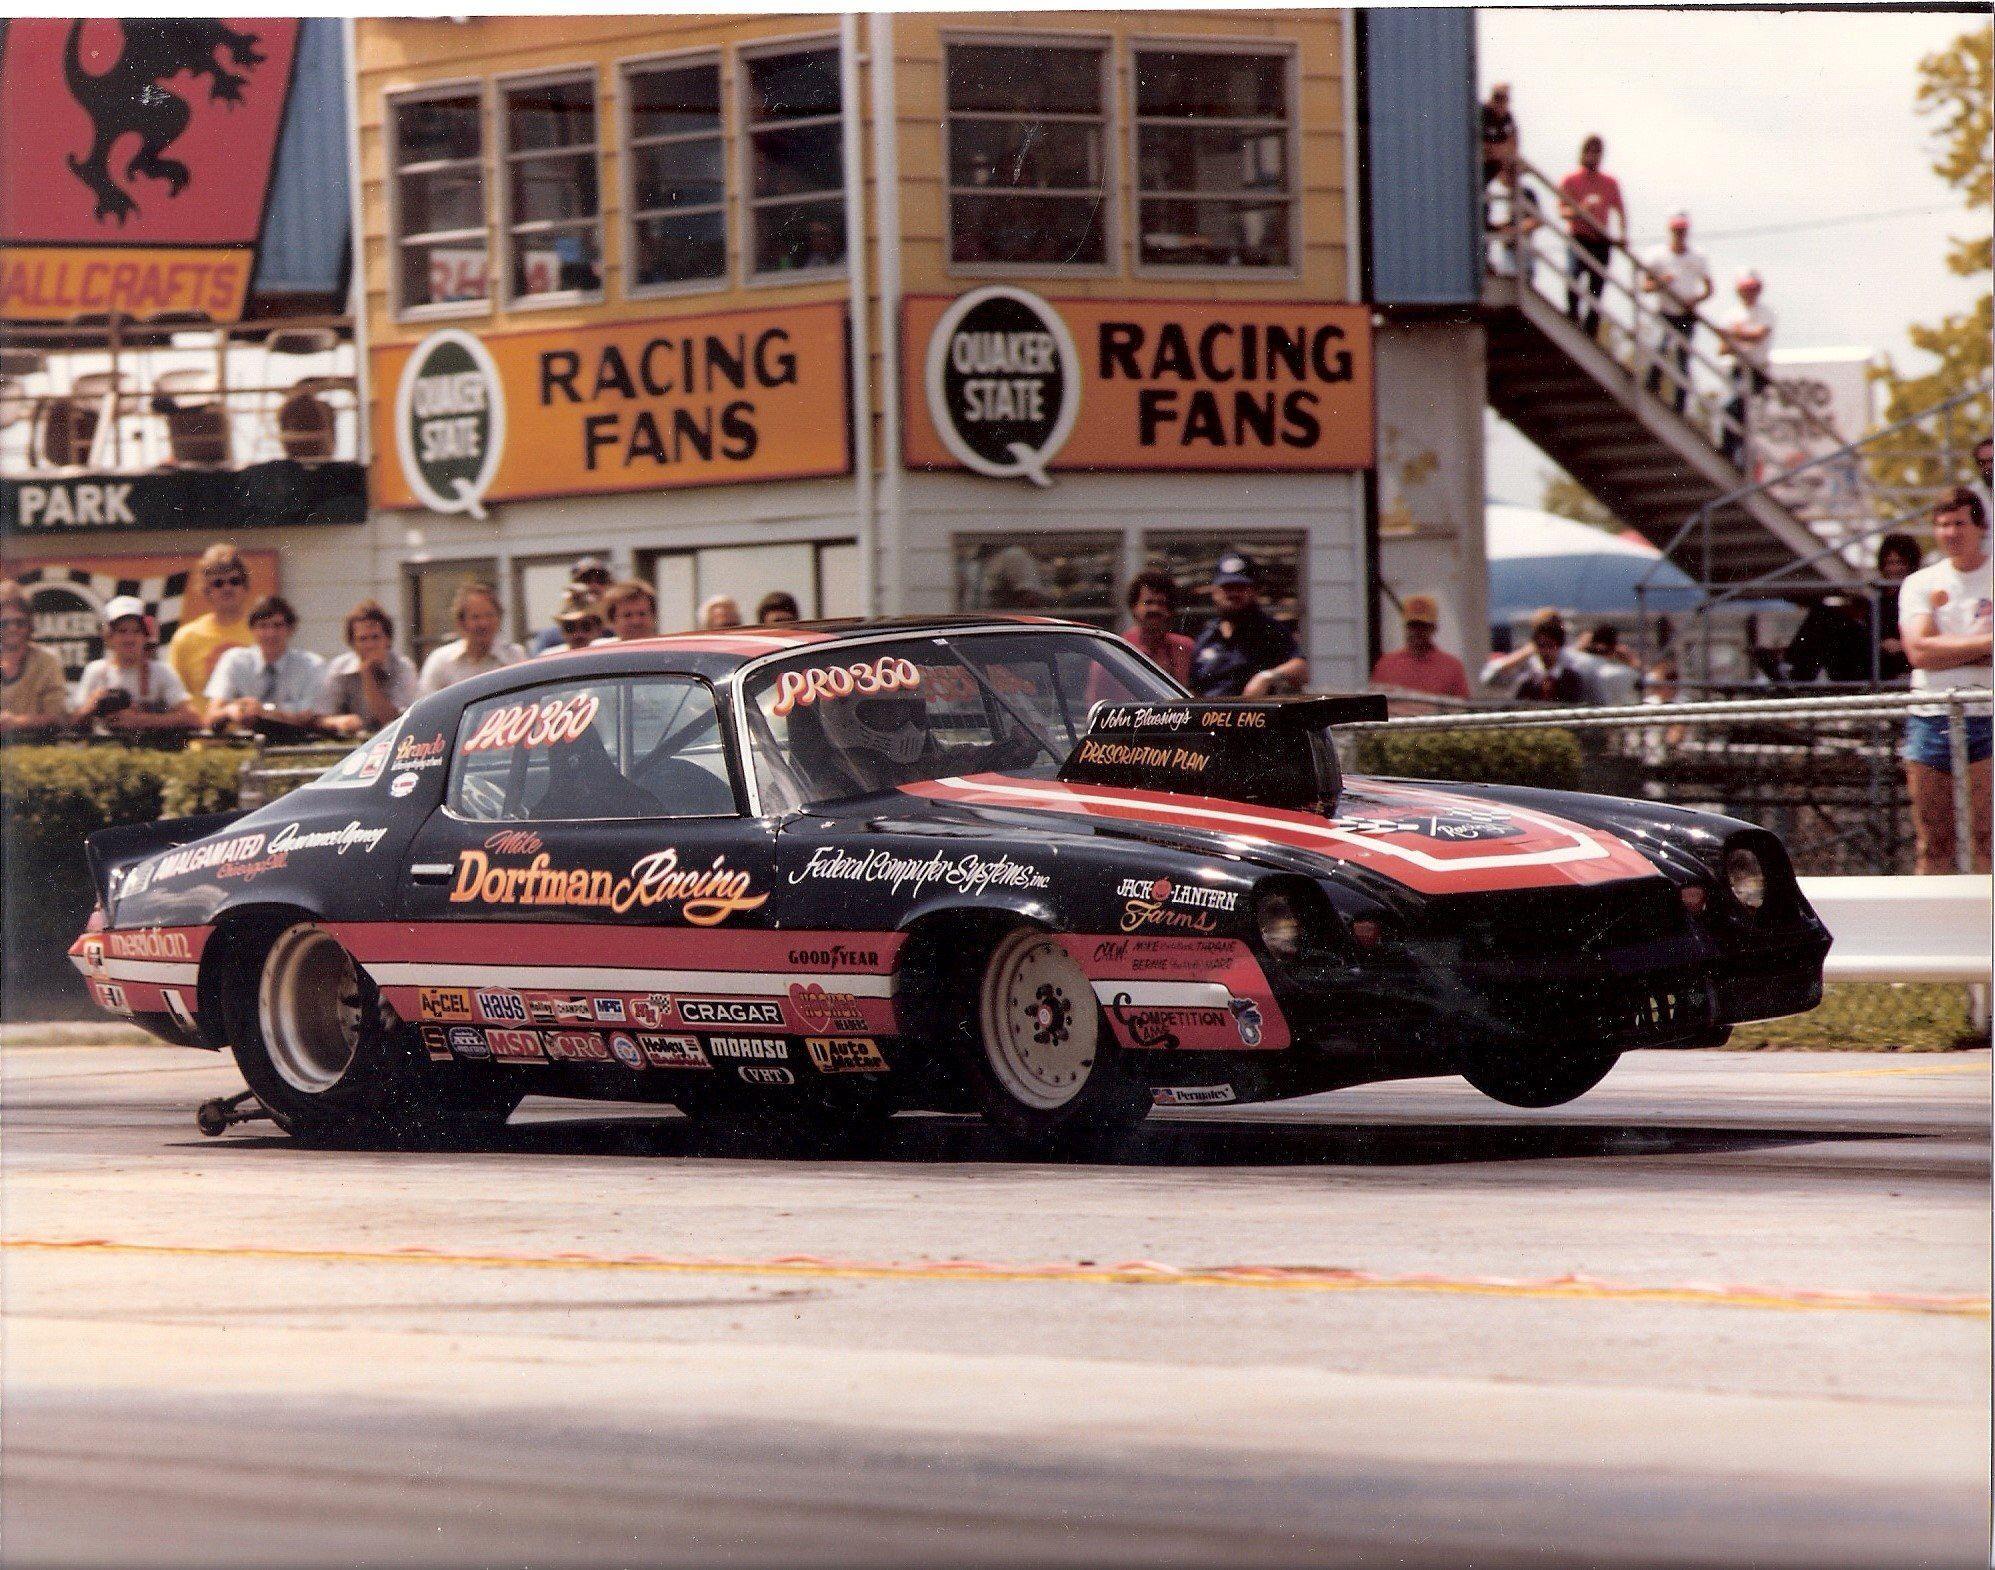 Vintage Drag Racing Pro Stock Dorffman Racing Drag Racing Cars Drag Racing Nhra Drag Racing